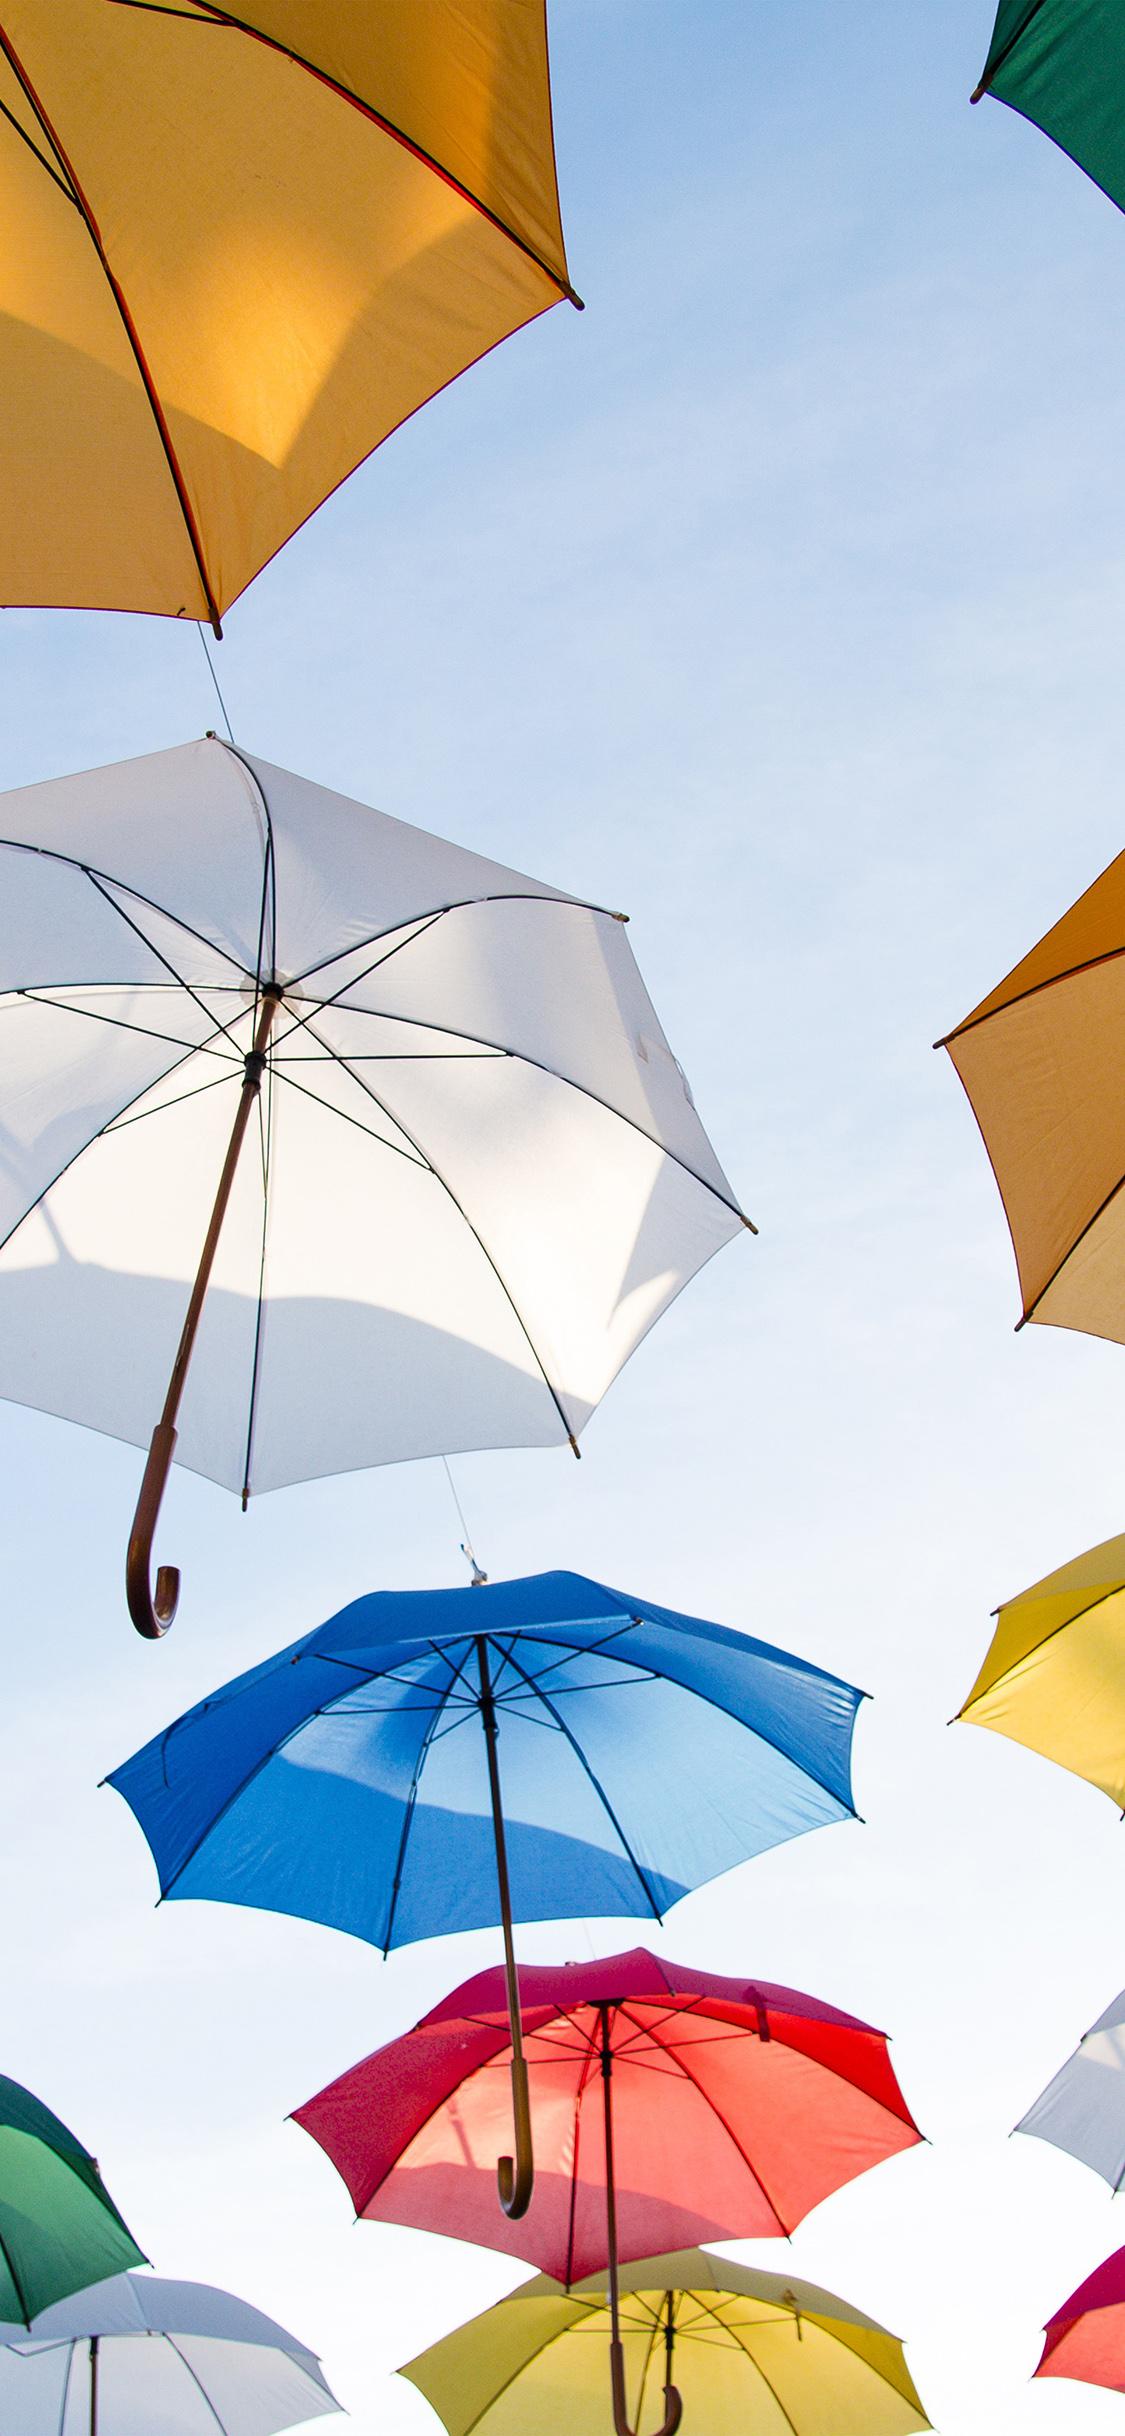 iPhoneXpapers.com-Apple-iPhone-wallpaper-nm41-umbrella-rainbow-color-art